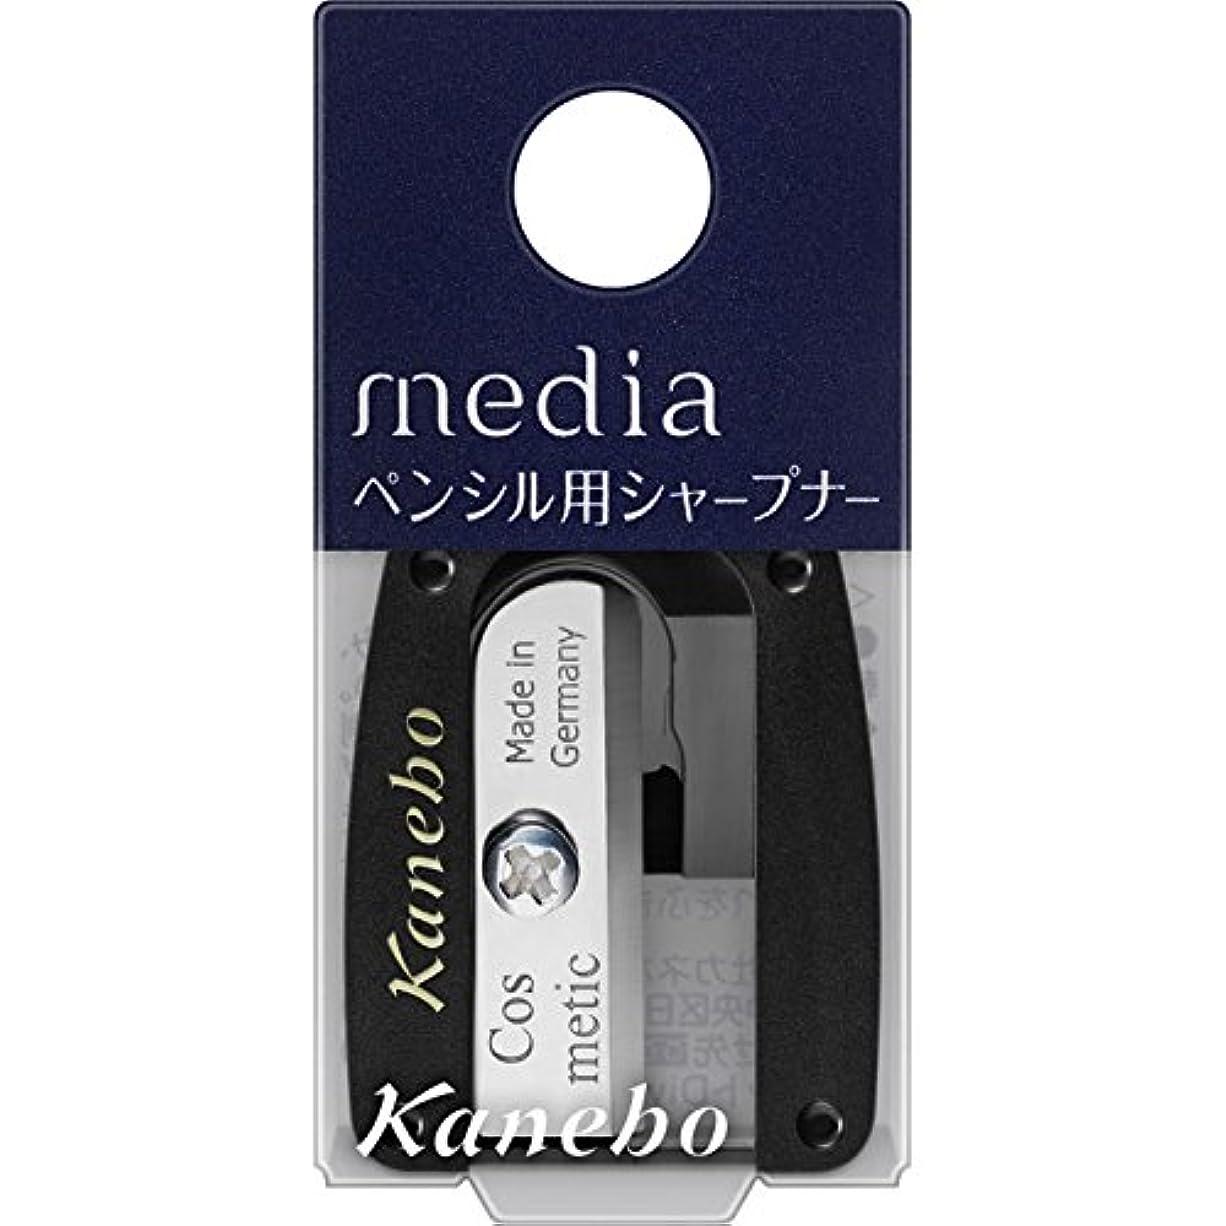 小売簡単に振る舞う【カネボウ】 メディア ペンシル用シャープナー